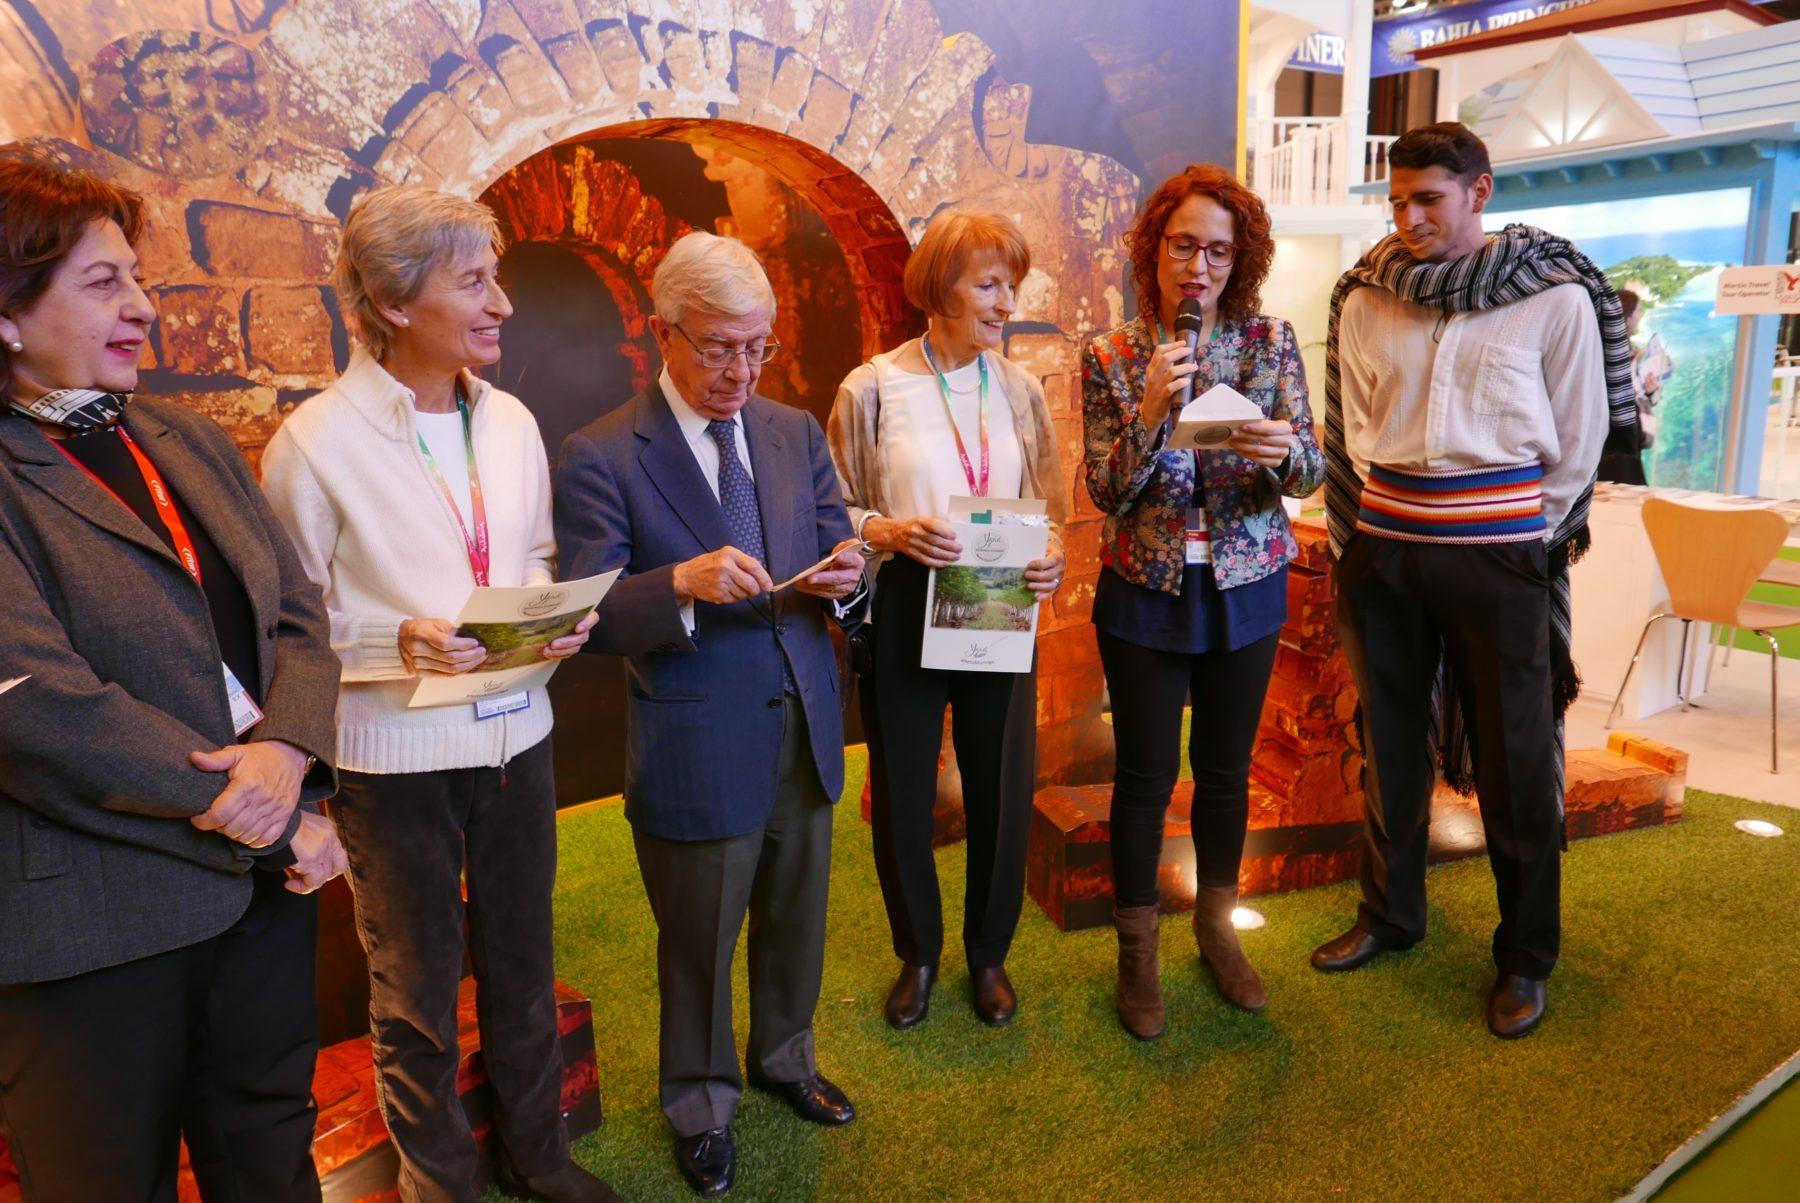 A la derecha, Teresa Valero, Directora de Información y Divulgación Científica en Fundación Española de la Nutrición, desvela quién ha ganado el Reto Moringa. La acompañan, desde la izquierda de la imagen, Doris Penoni, Directora de la Secretaría Nacional de Turismo del Paraguay (SENATUR); María del Carmen Figueras, fundadora de Yguá Moringa Guaraní; Rafael Ansón, Presidente de la Academia Iberoamericana de Gastronomía, y Carolyn Steward, Co-fundadora de Yguá Moringa Guaraní.